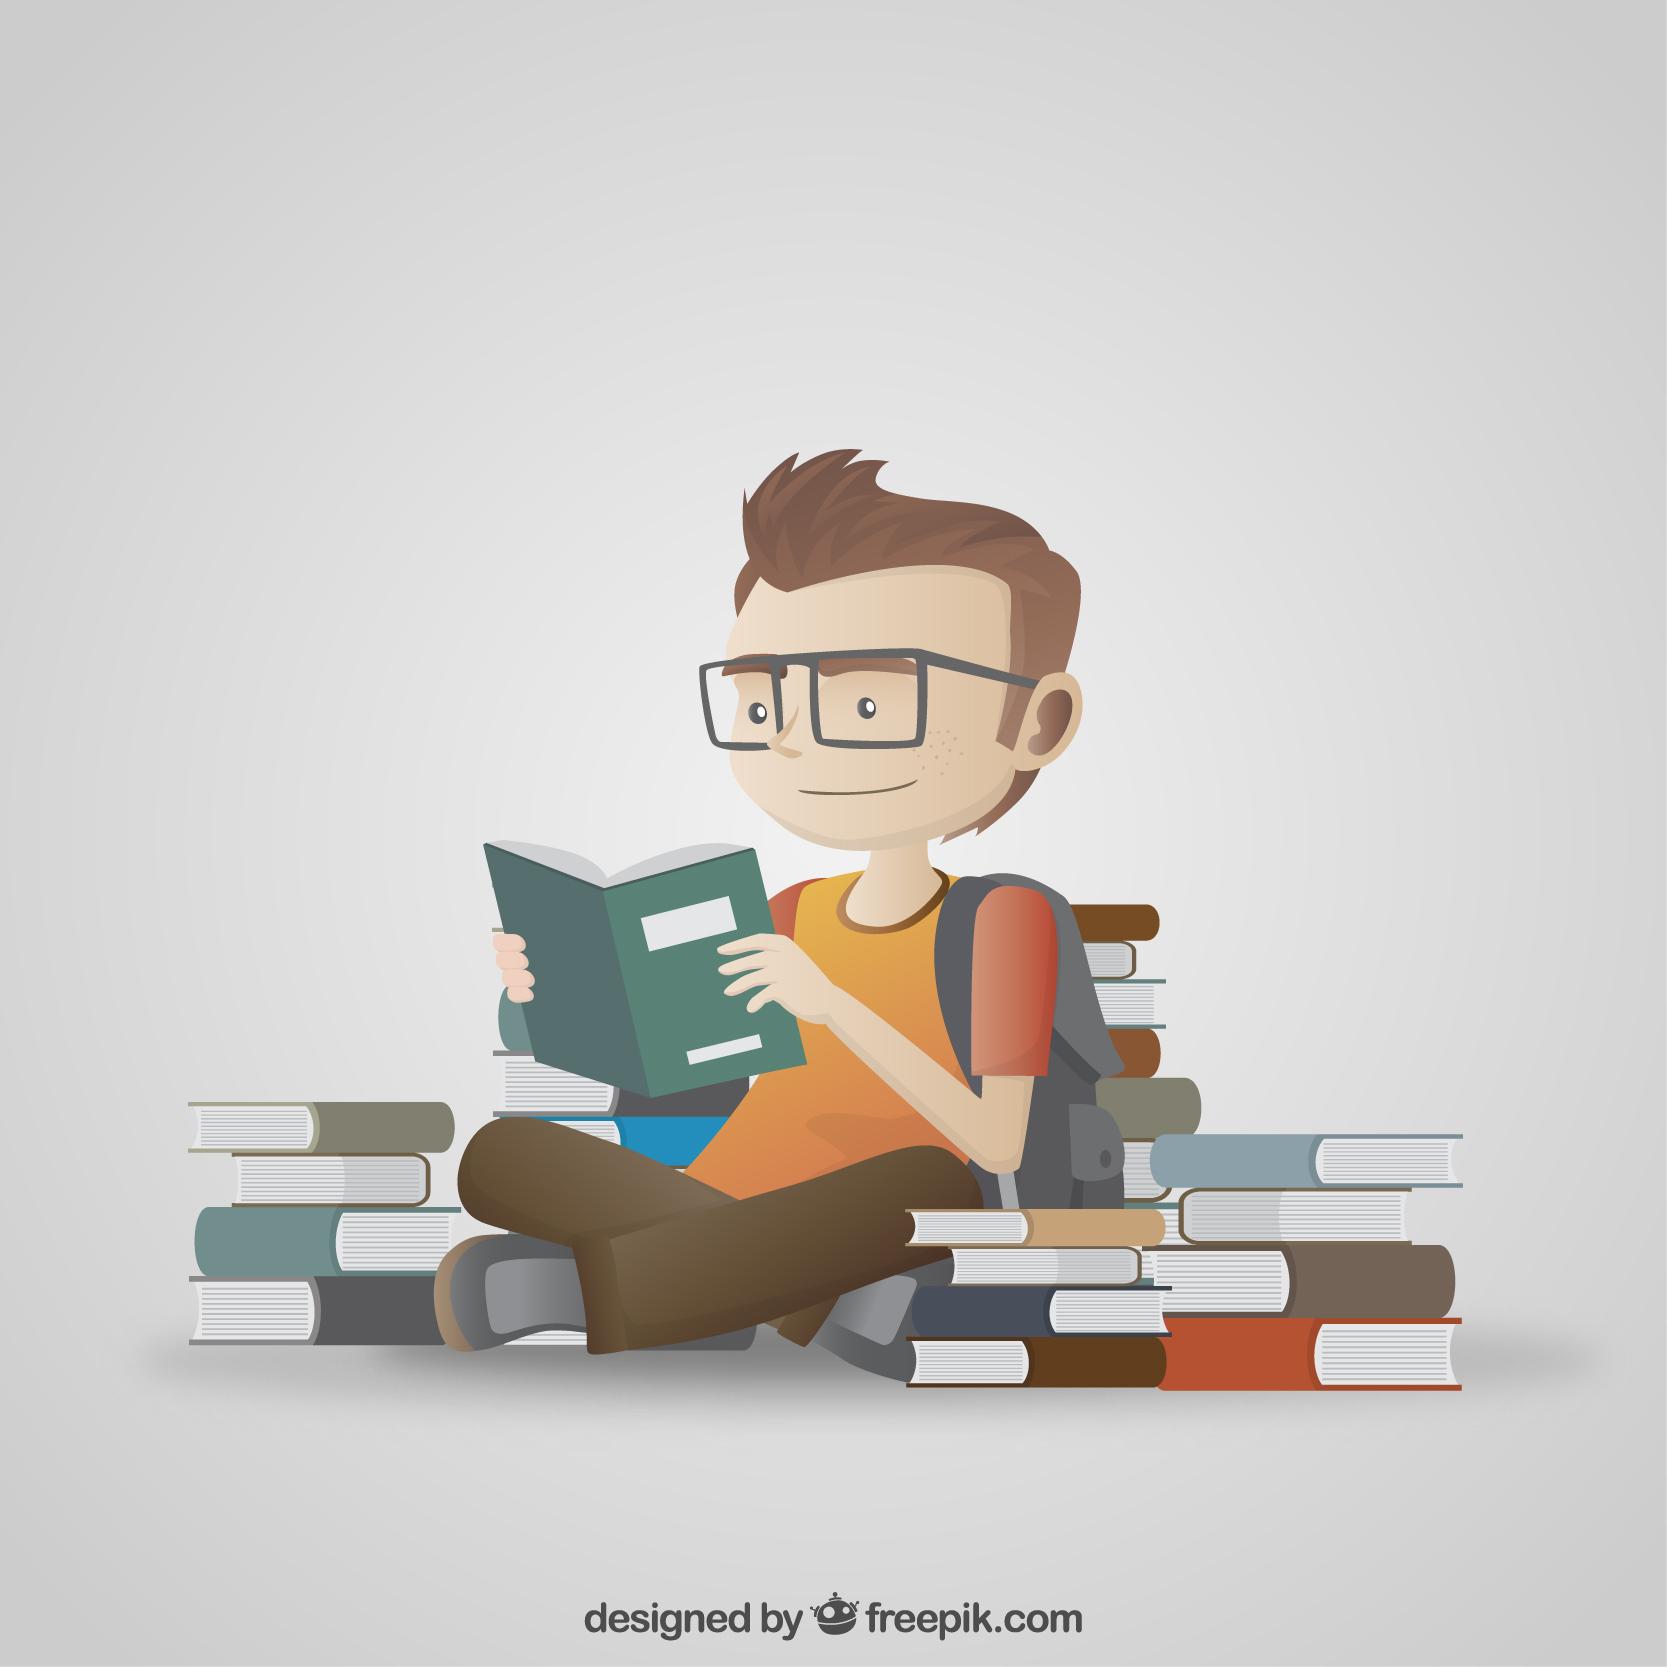 Die besten Apps und Tools zum Studienstart